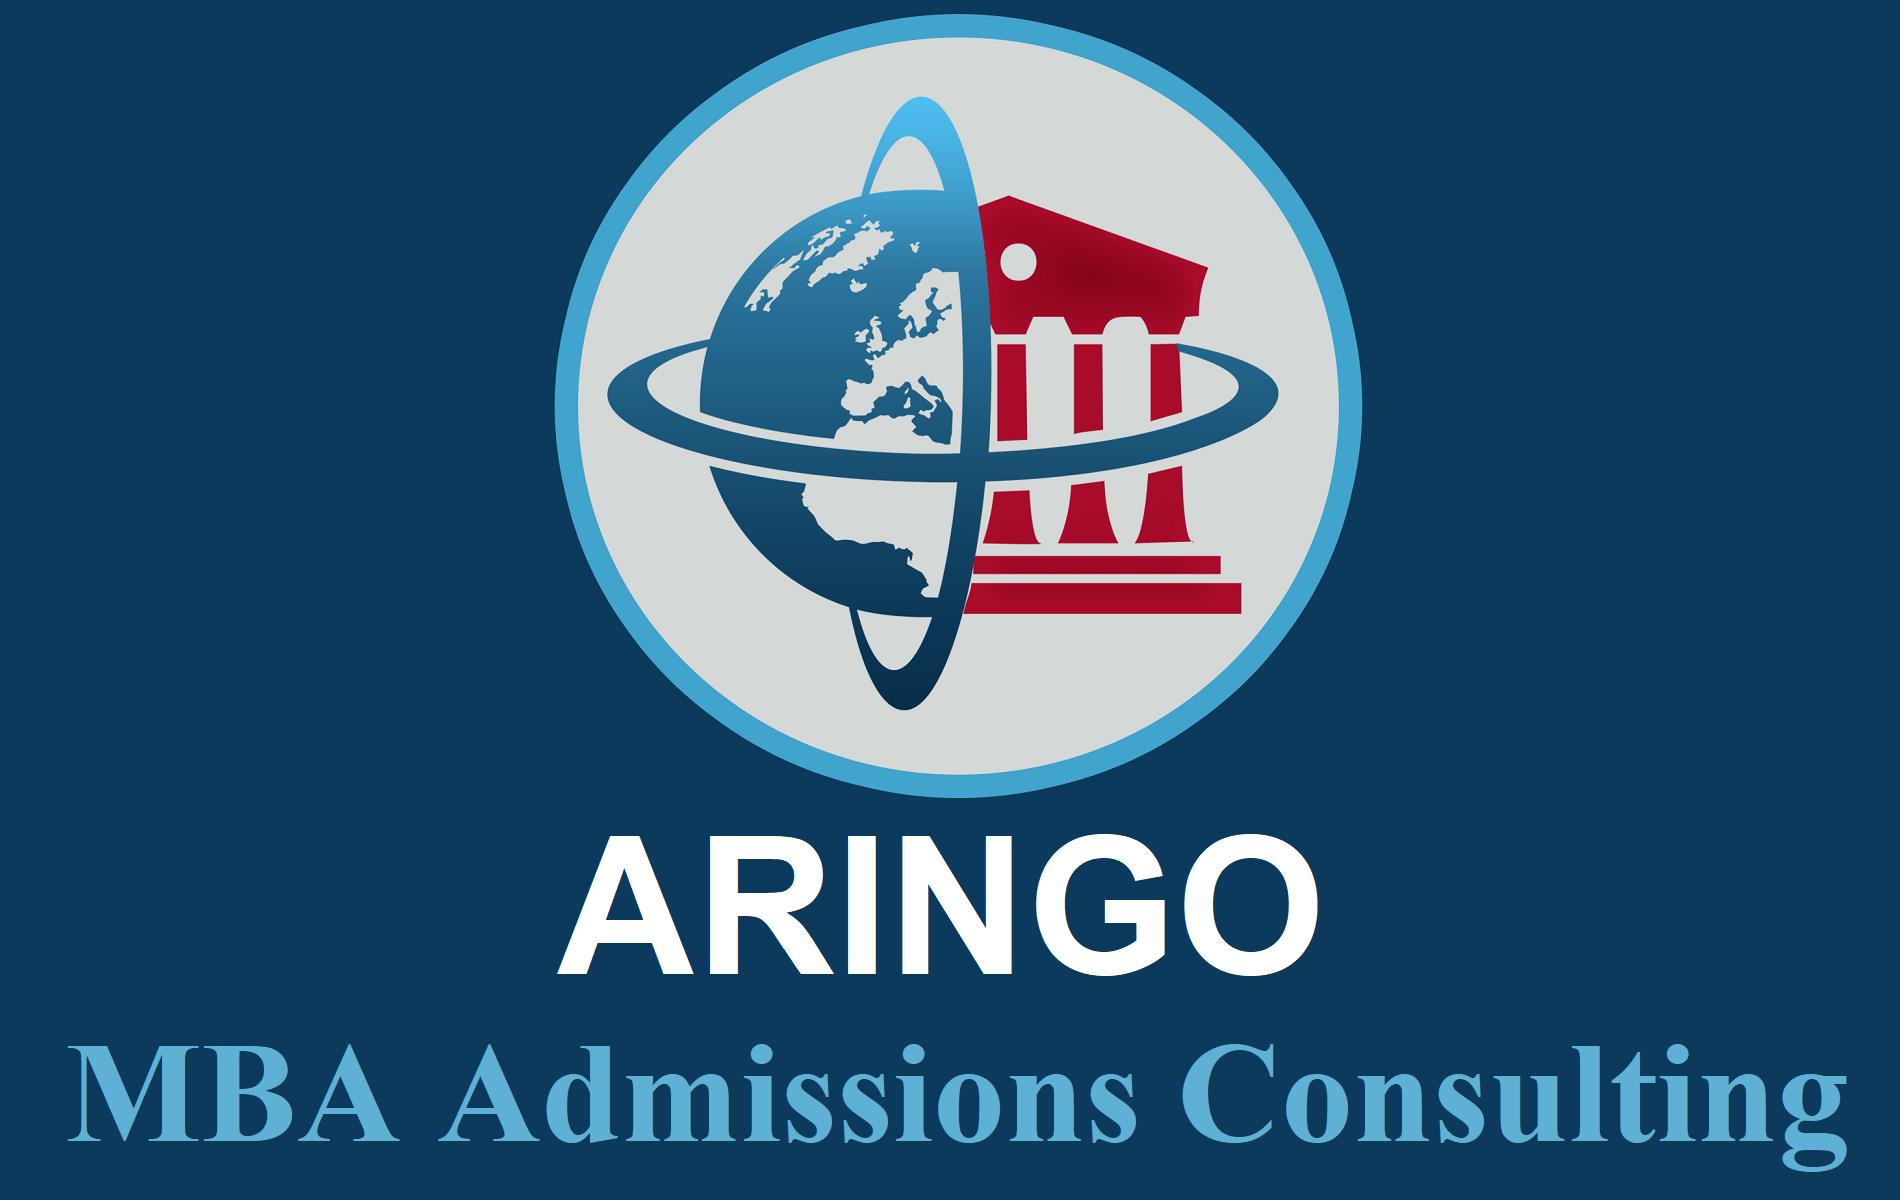 ARINGO MBA Admissions Consulting